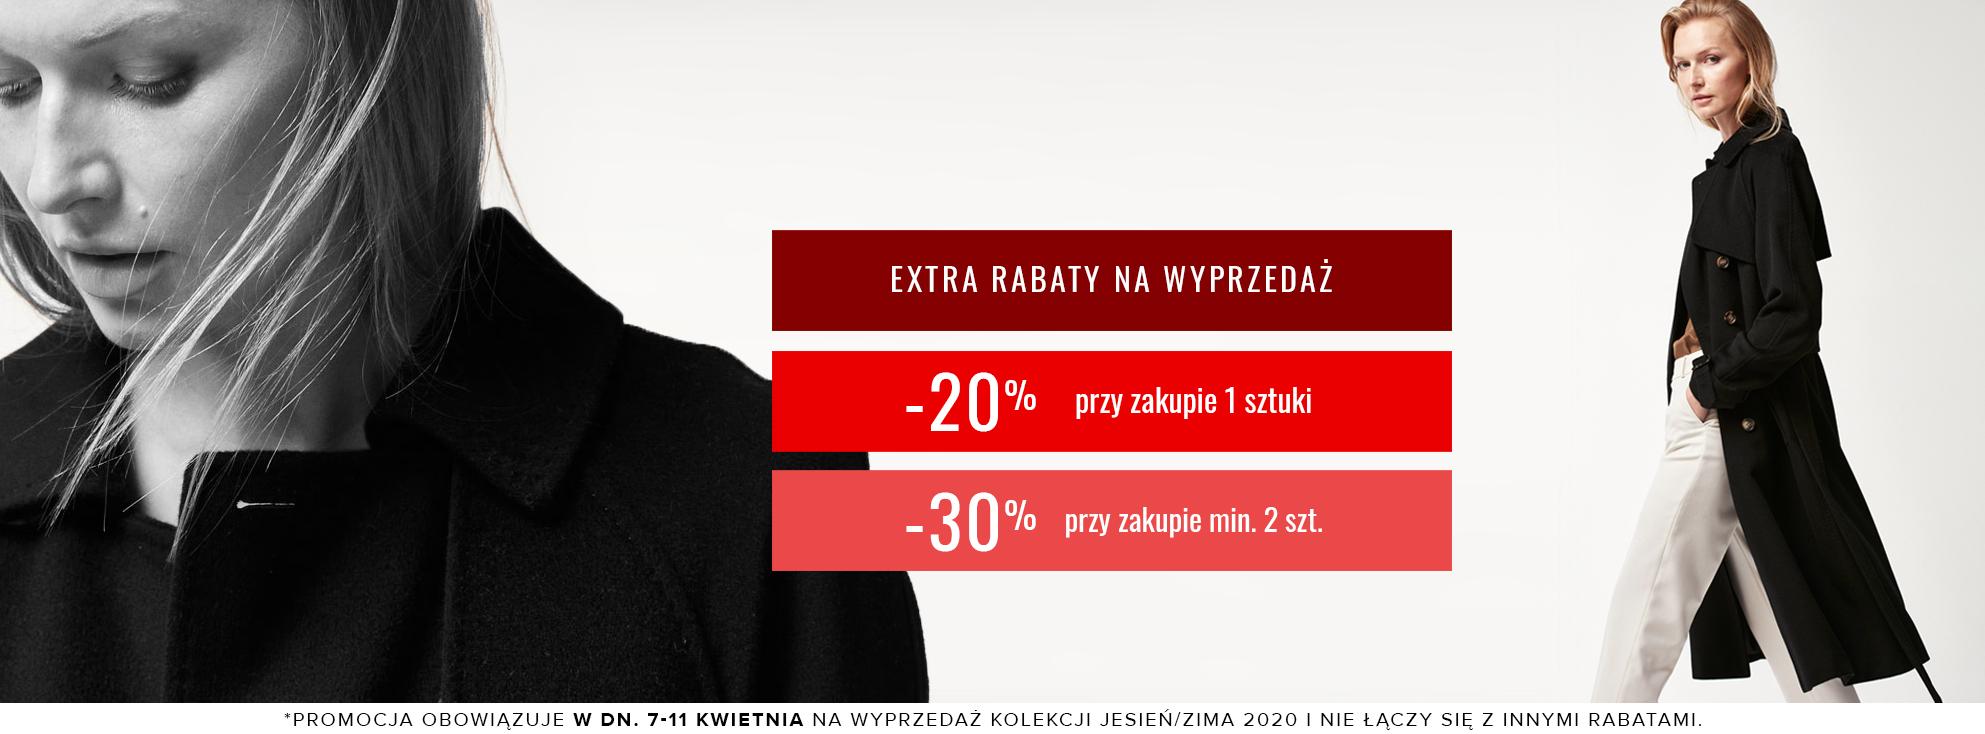 Patrizia Aryton Patrizia Aryton: dodatkowe 30% zniżki na odzież damską z wyprzedaży przy zakupie 2 szt., 20% zniżki przy zakupie 1 szt.